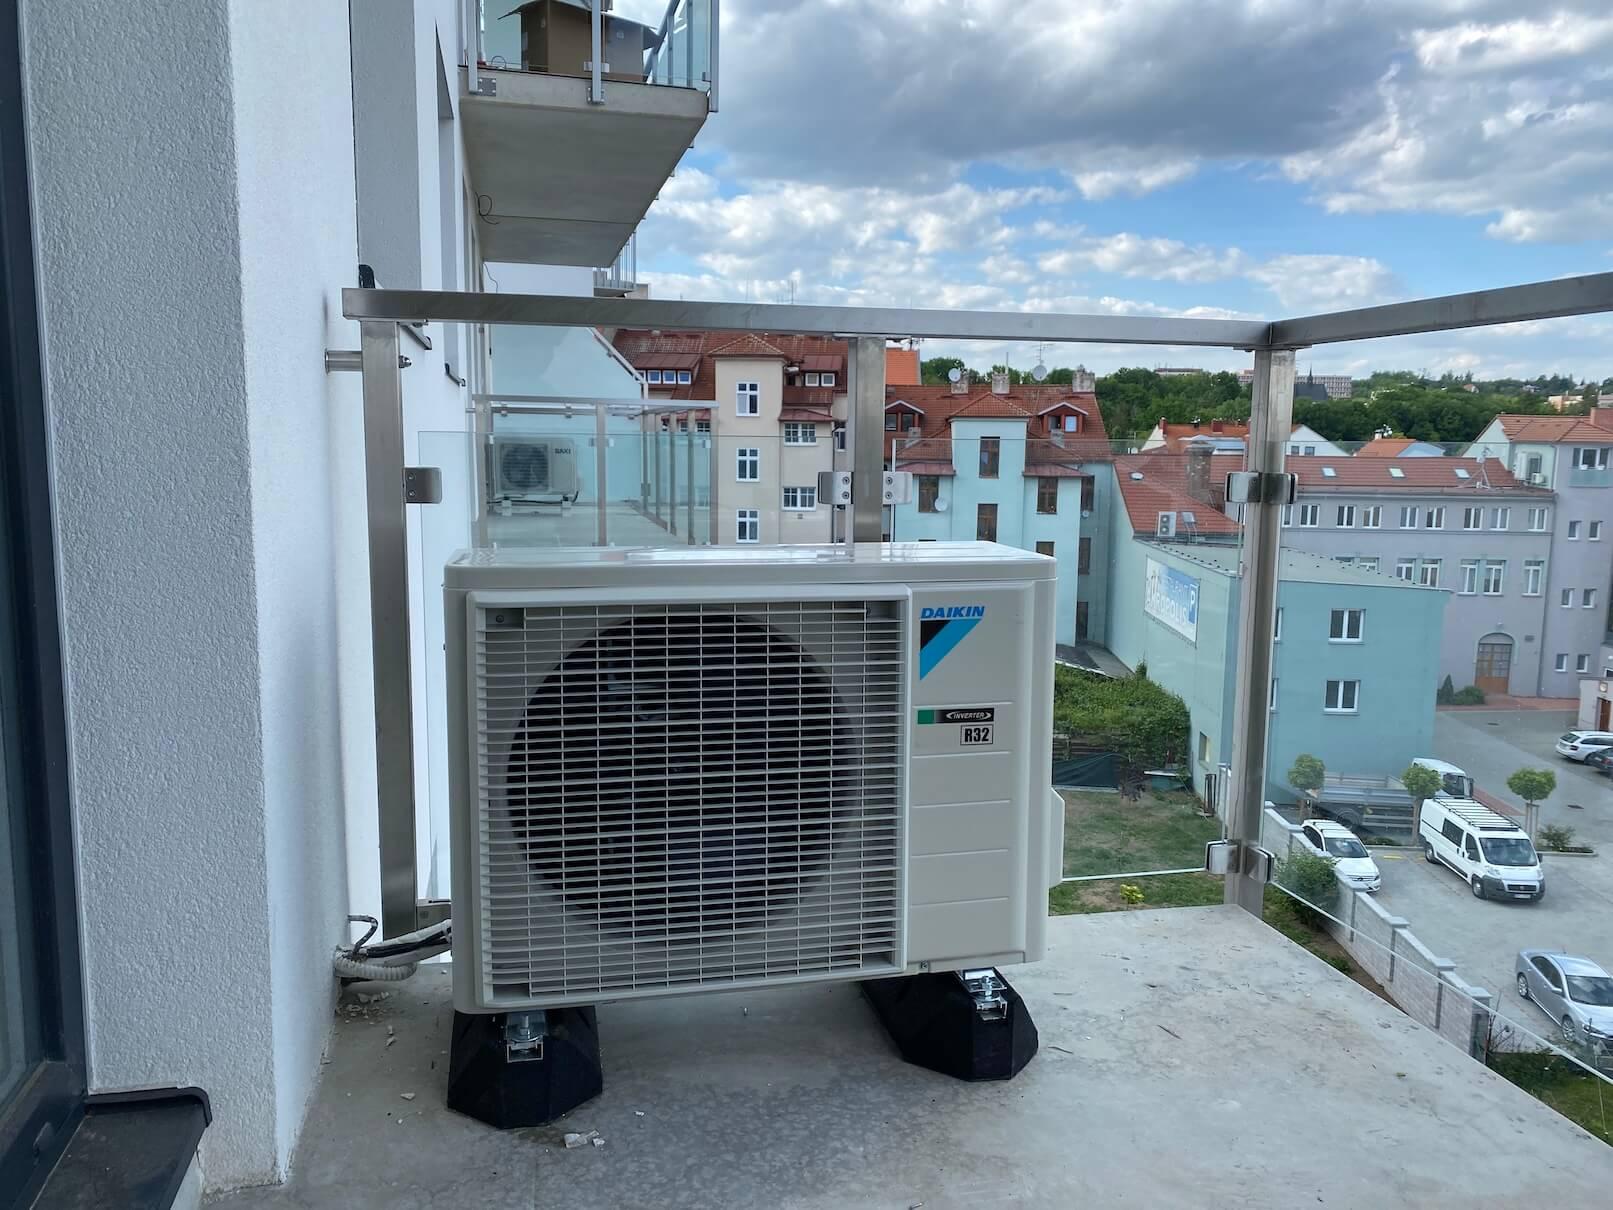 Venkovní jednotka klimatizace na balkoně